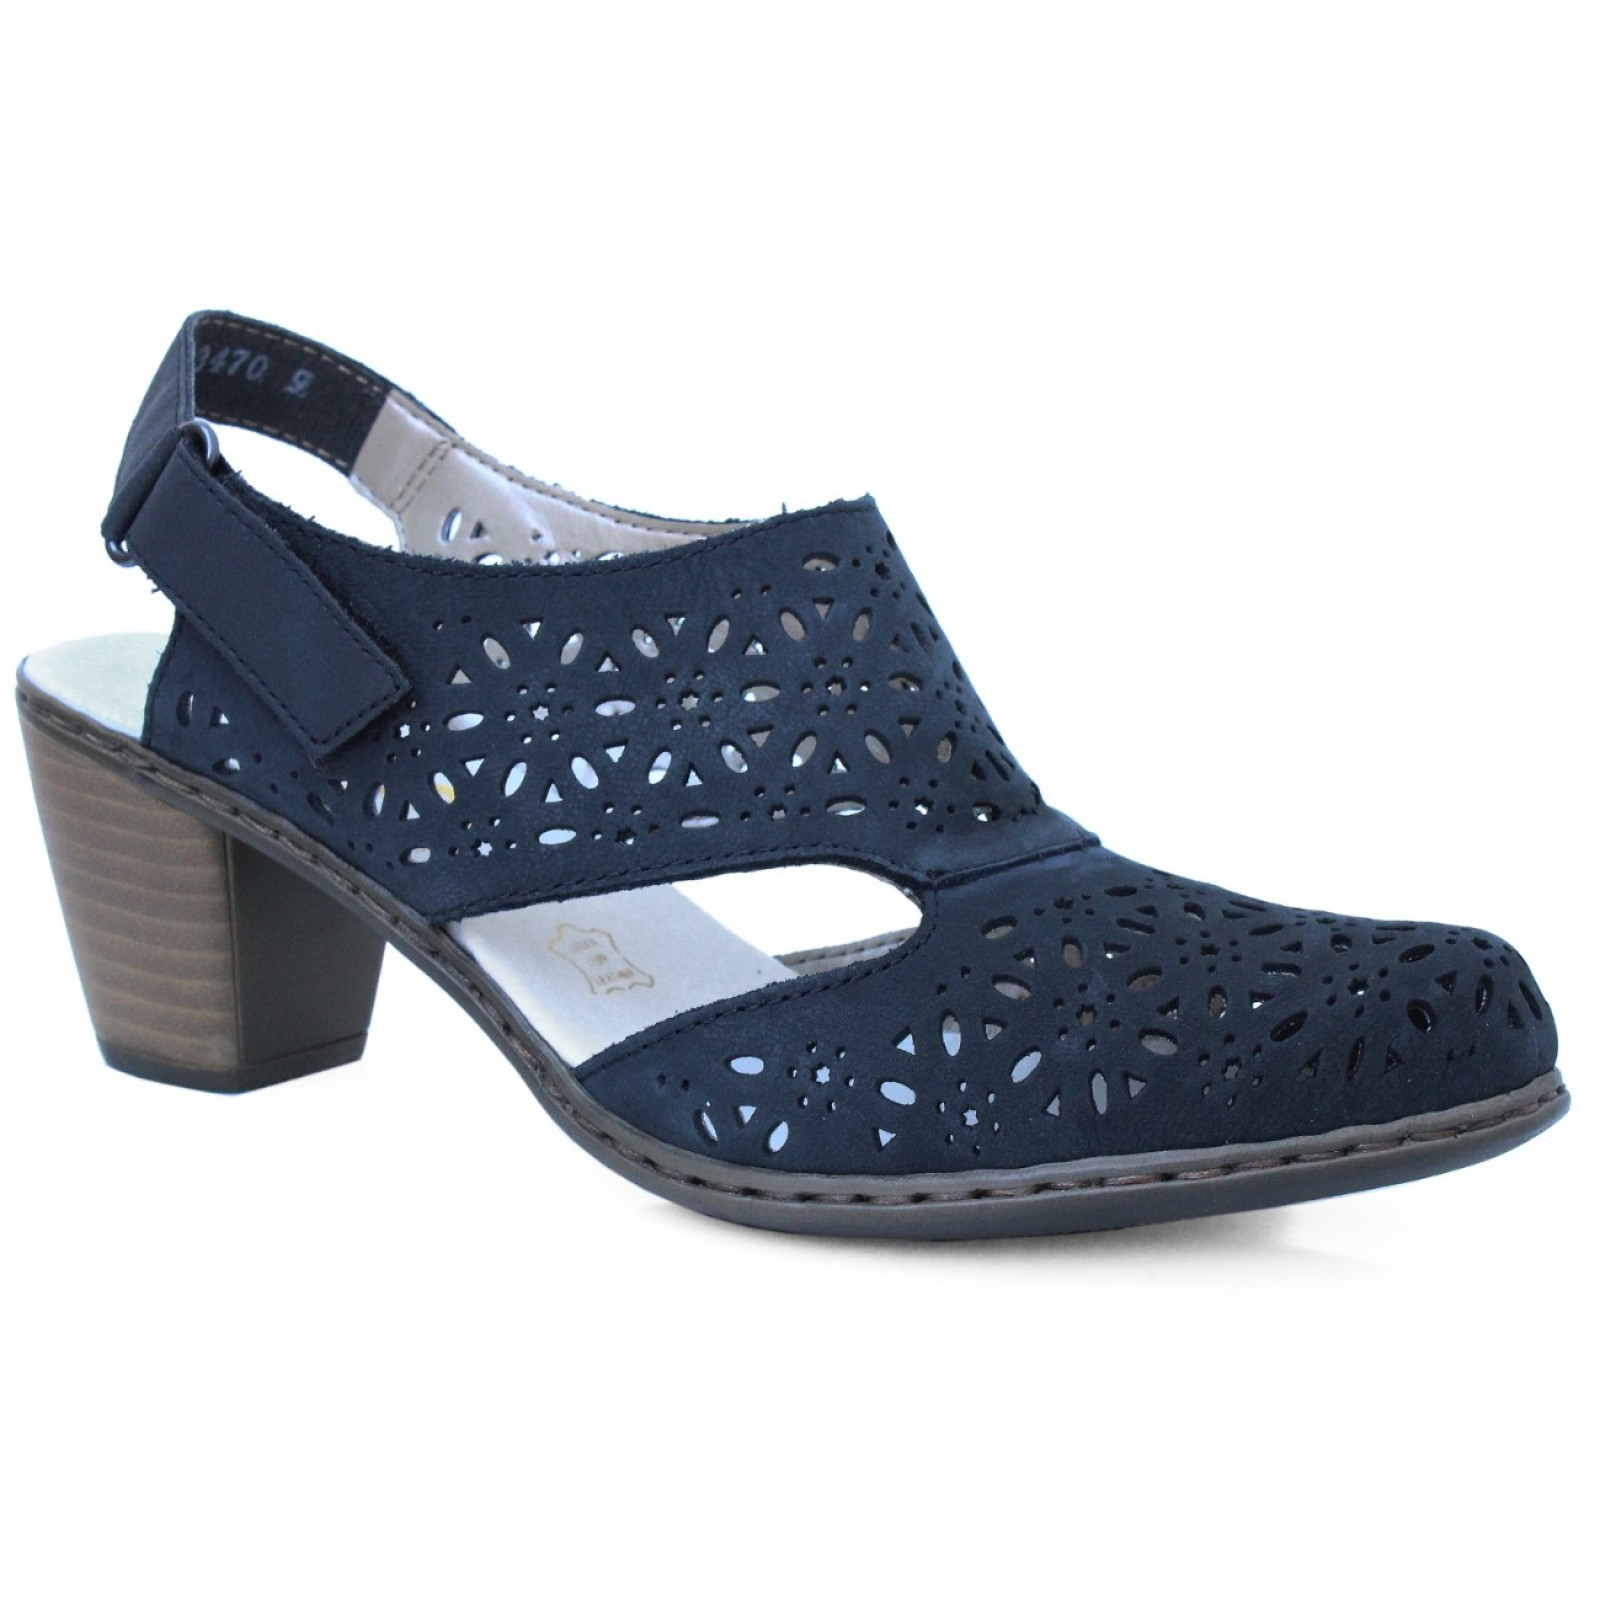 Női sling (hátul nyitott cipő) Női